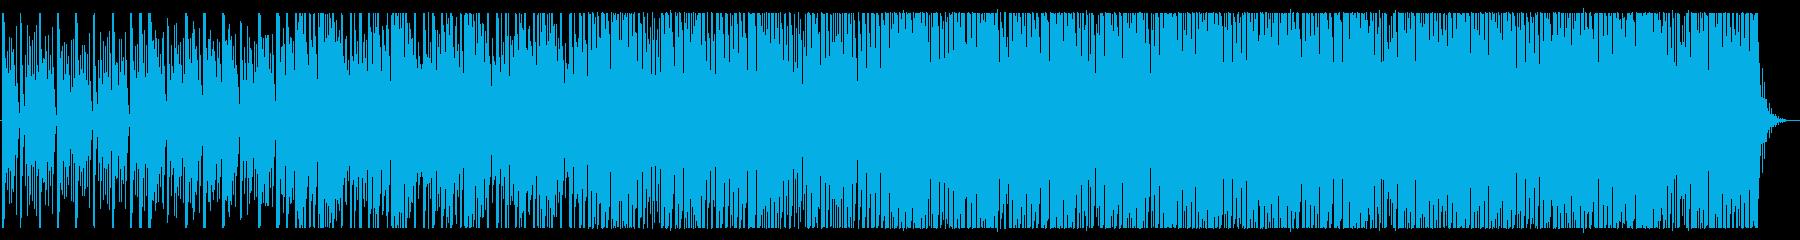 おもちゃ箱のようなBGM_No580_2の再生済みの波形